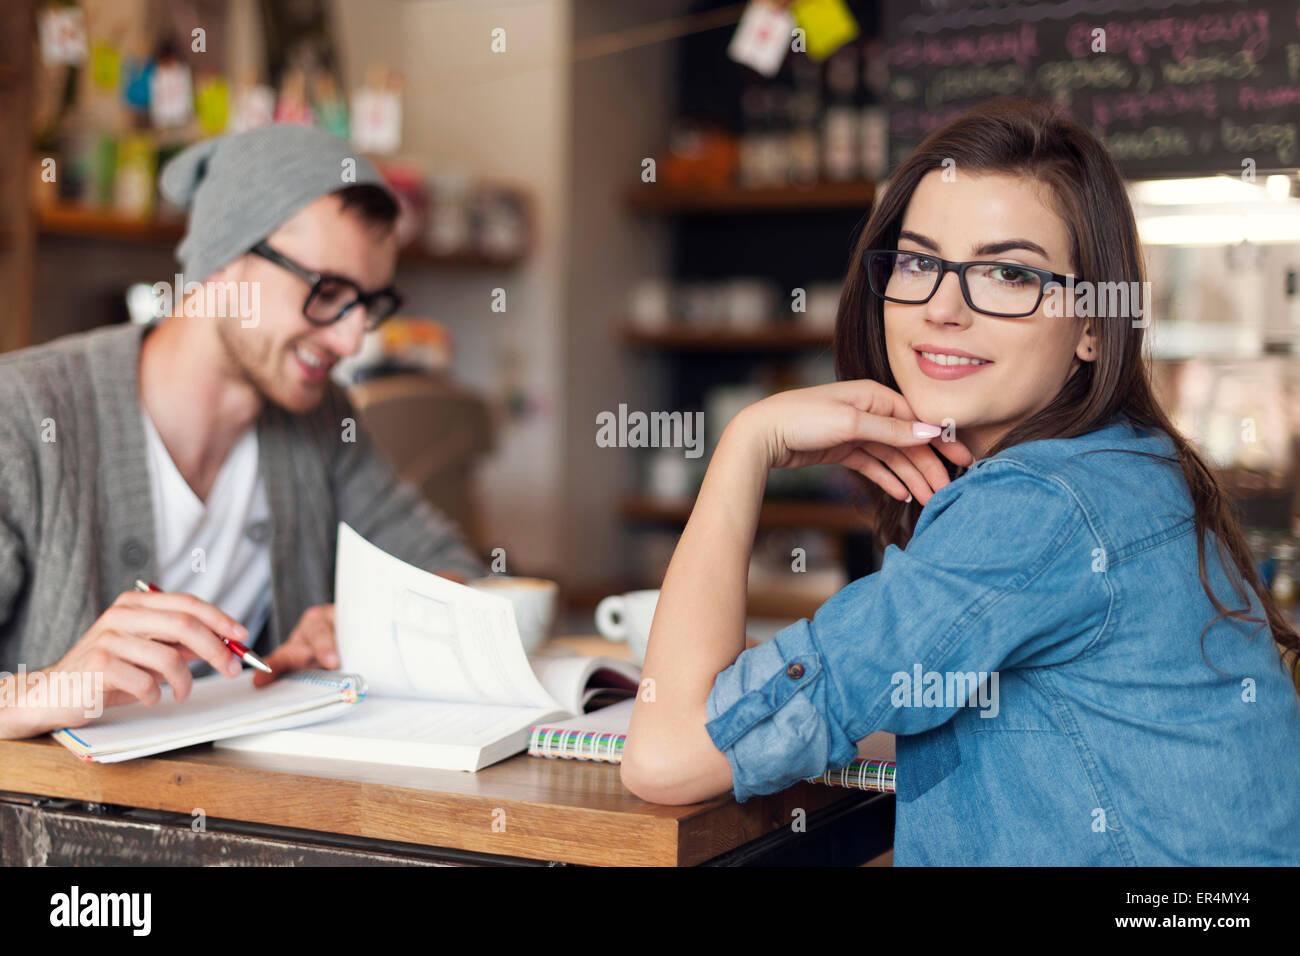 L'étude de femme élégante avec son amie au café. Cracovie, Pologne Photo Stock